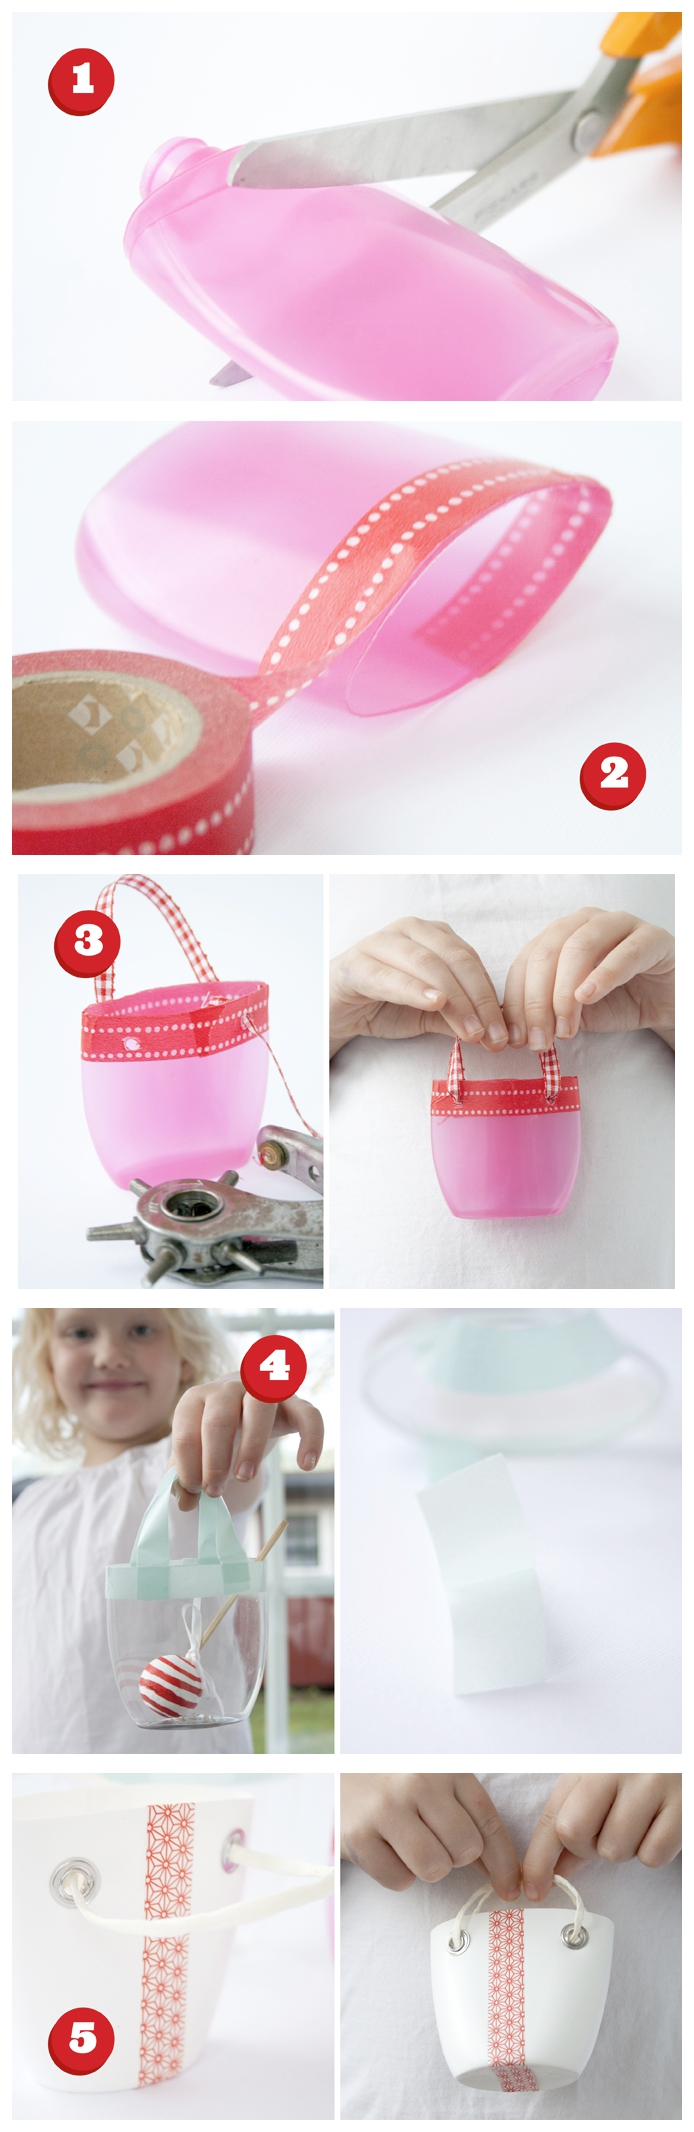 tuto bricolage facile et originale avec une bouteille en plastique transformée en mini-panier pour poupée